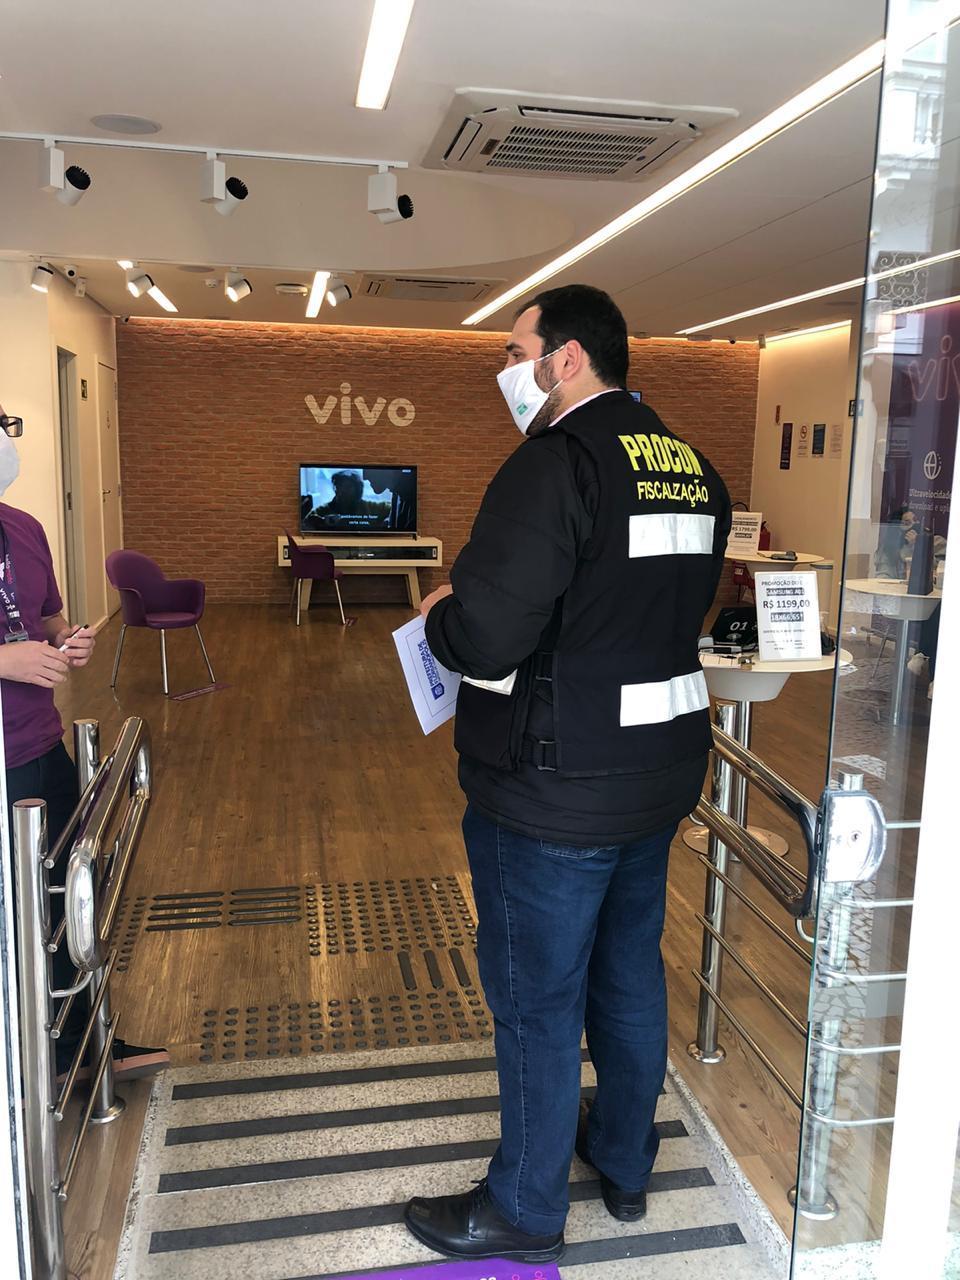 Operadora Vivo é notificada pelo Procon de Florianópolis  por má prestação de serviços